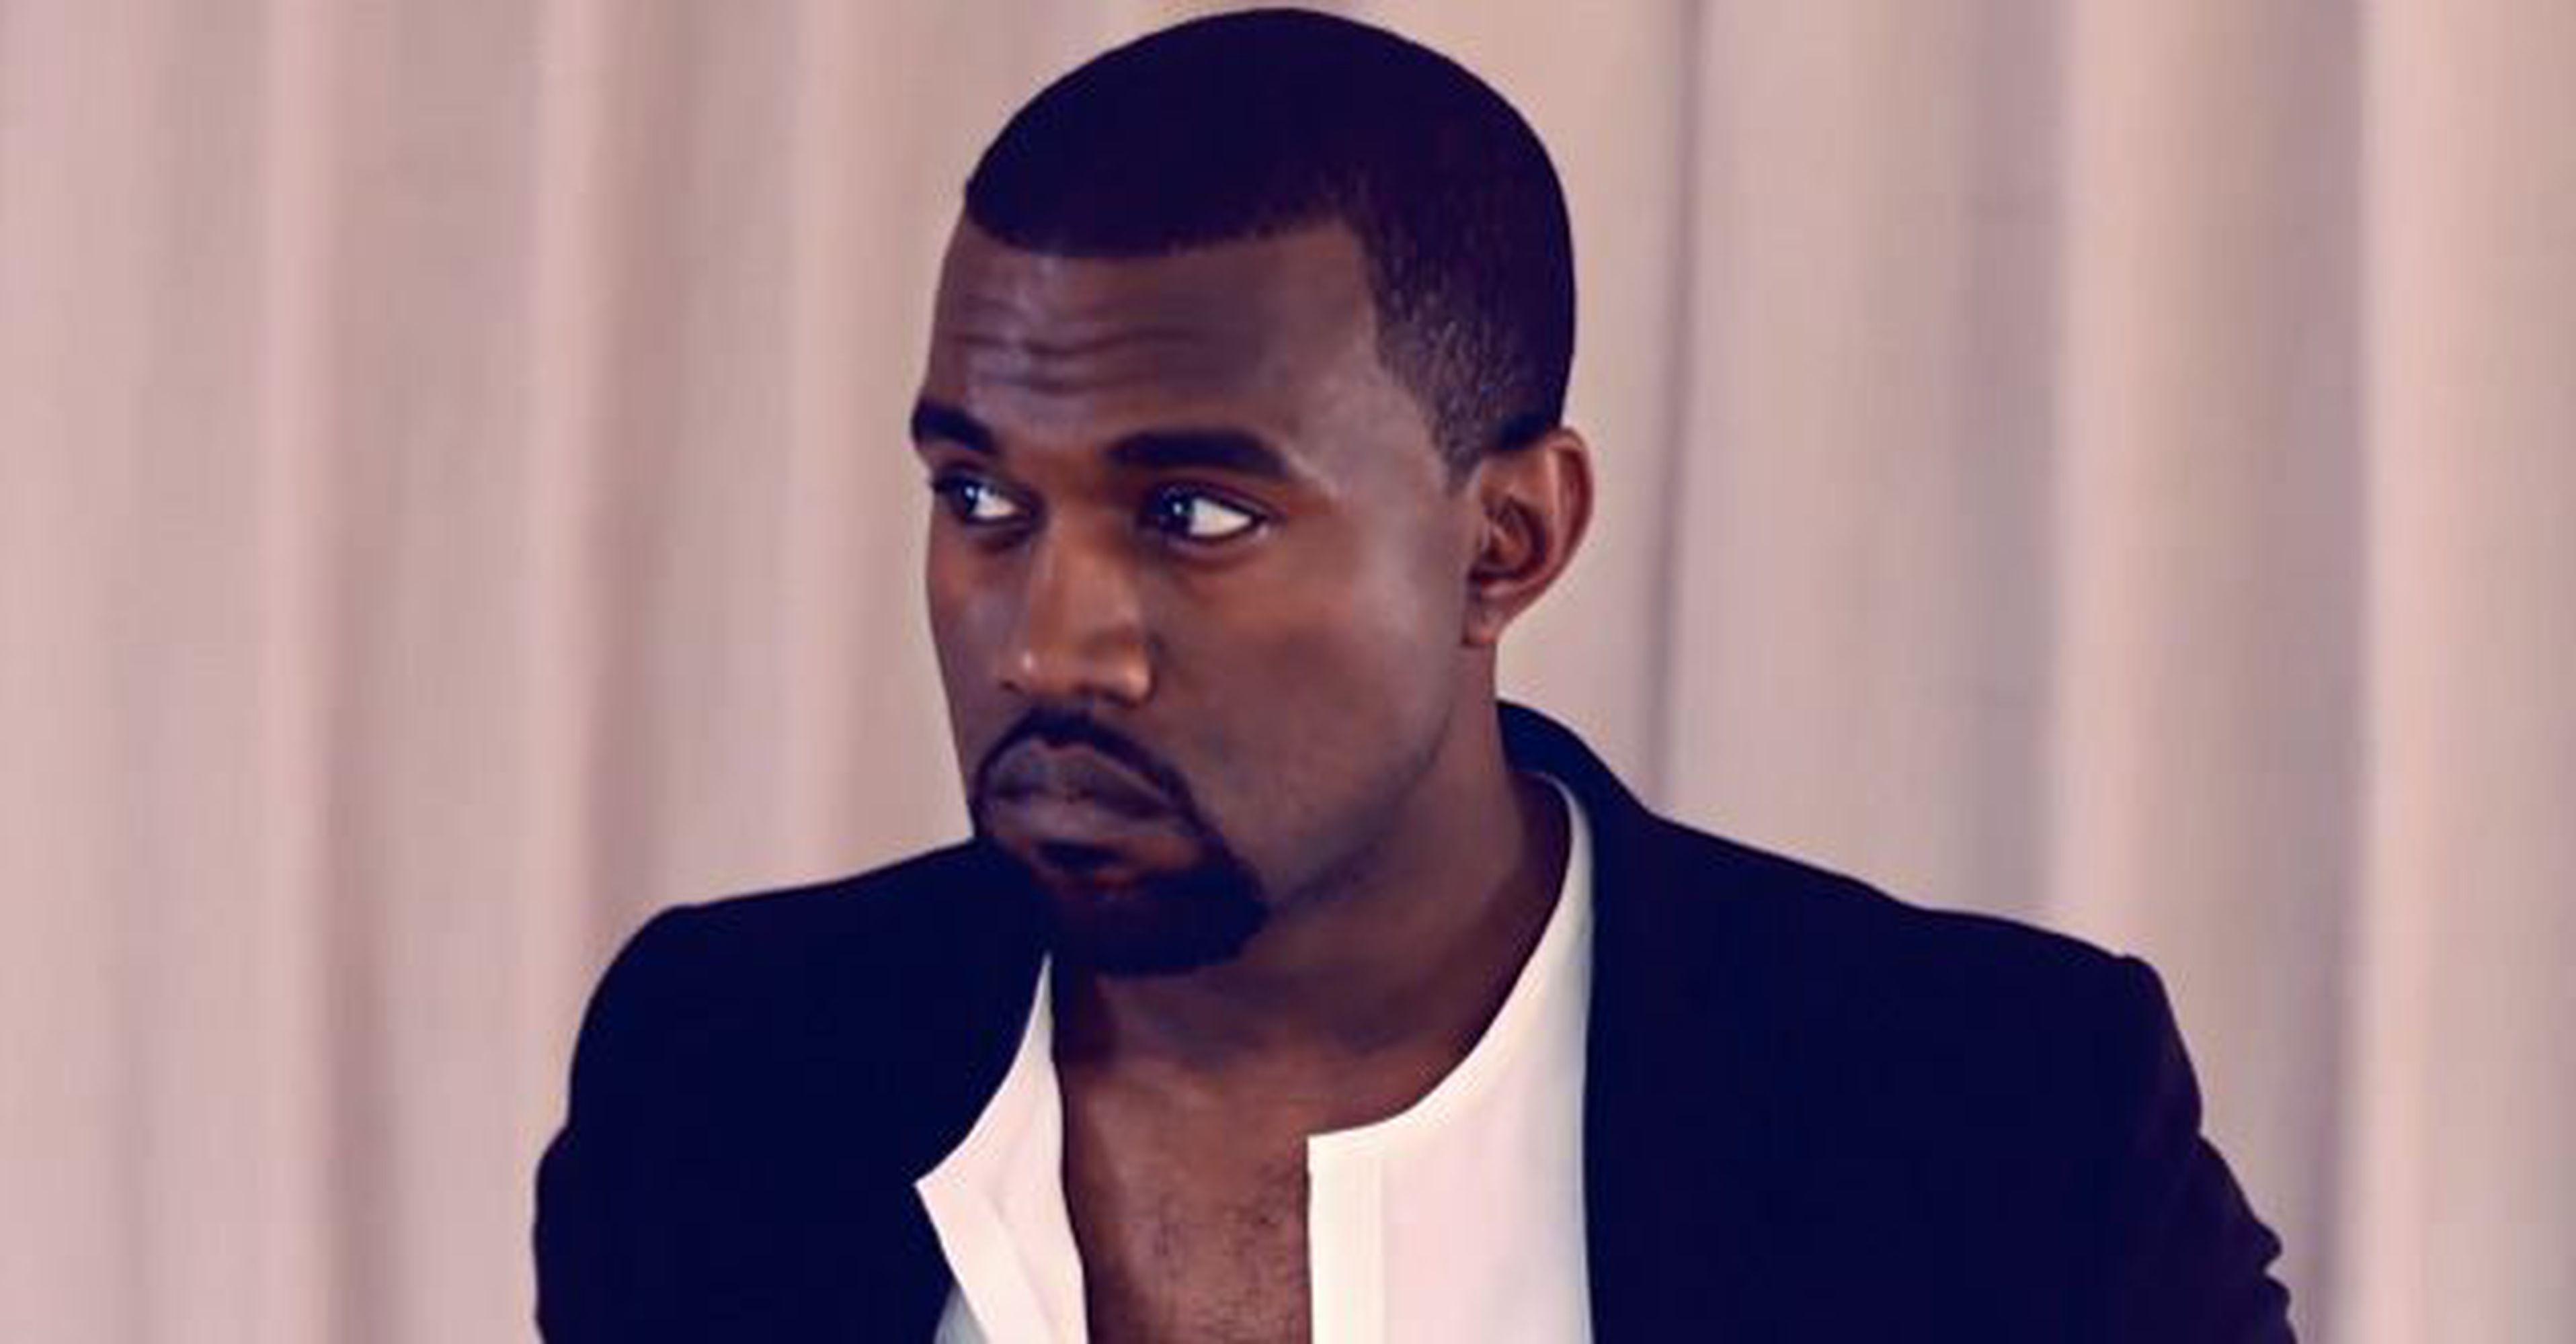 Platz 4: Kanye West